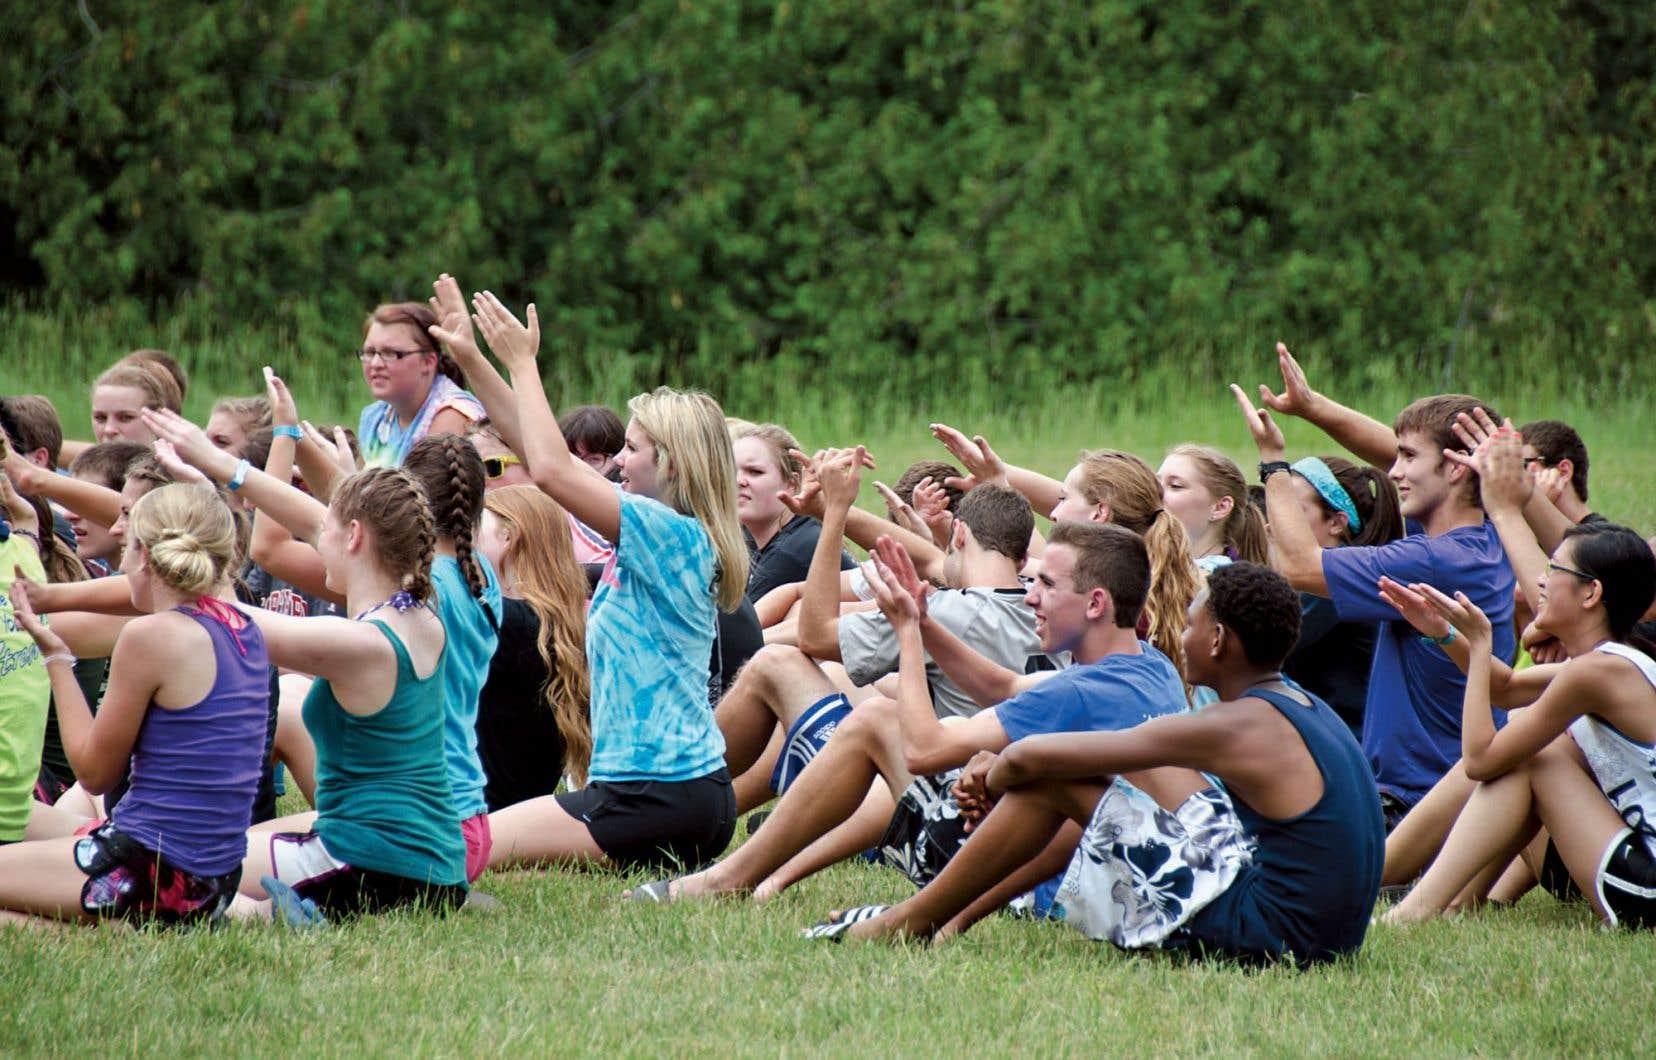 Dans tous les cas, les jeunes ressortent gagnants de leur séjour au camp puisque l'étude du DrGlover montre que «tous les campeurs connaissent des progrès positifs, indépendamment de l'âge, du sexe et de l'expérience de la vie au camp ».